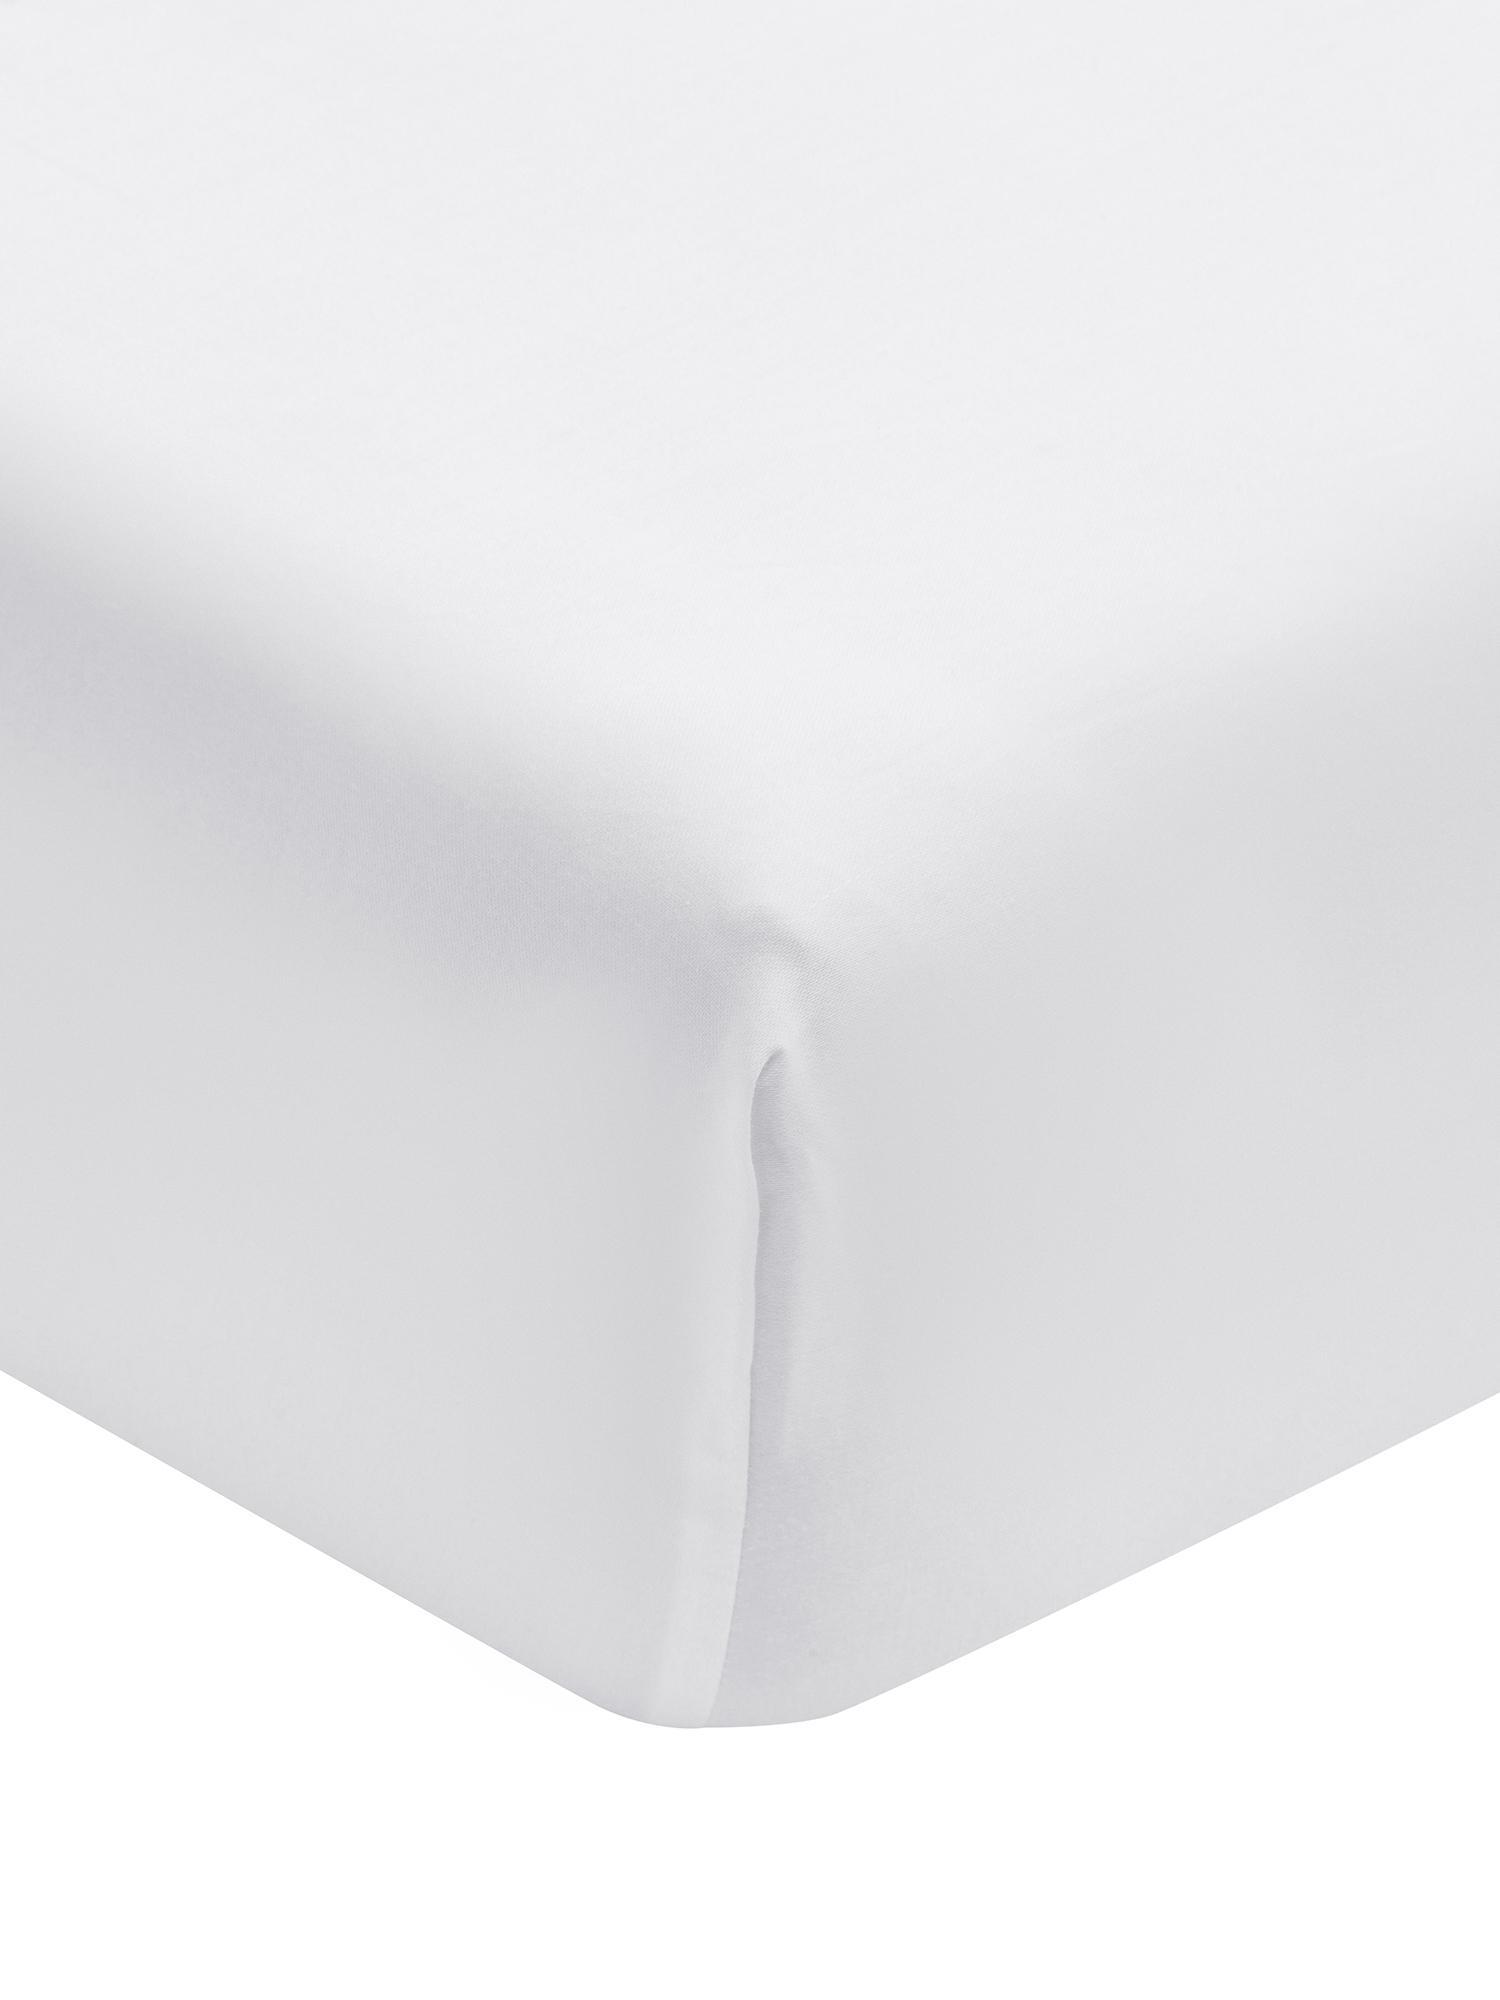 Katoen satijnen hoeslaken Premium, Weeftechniek: satijn, licht glanzend, Wit, 90 x 200 cm